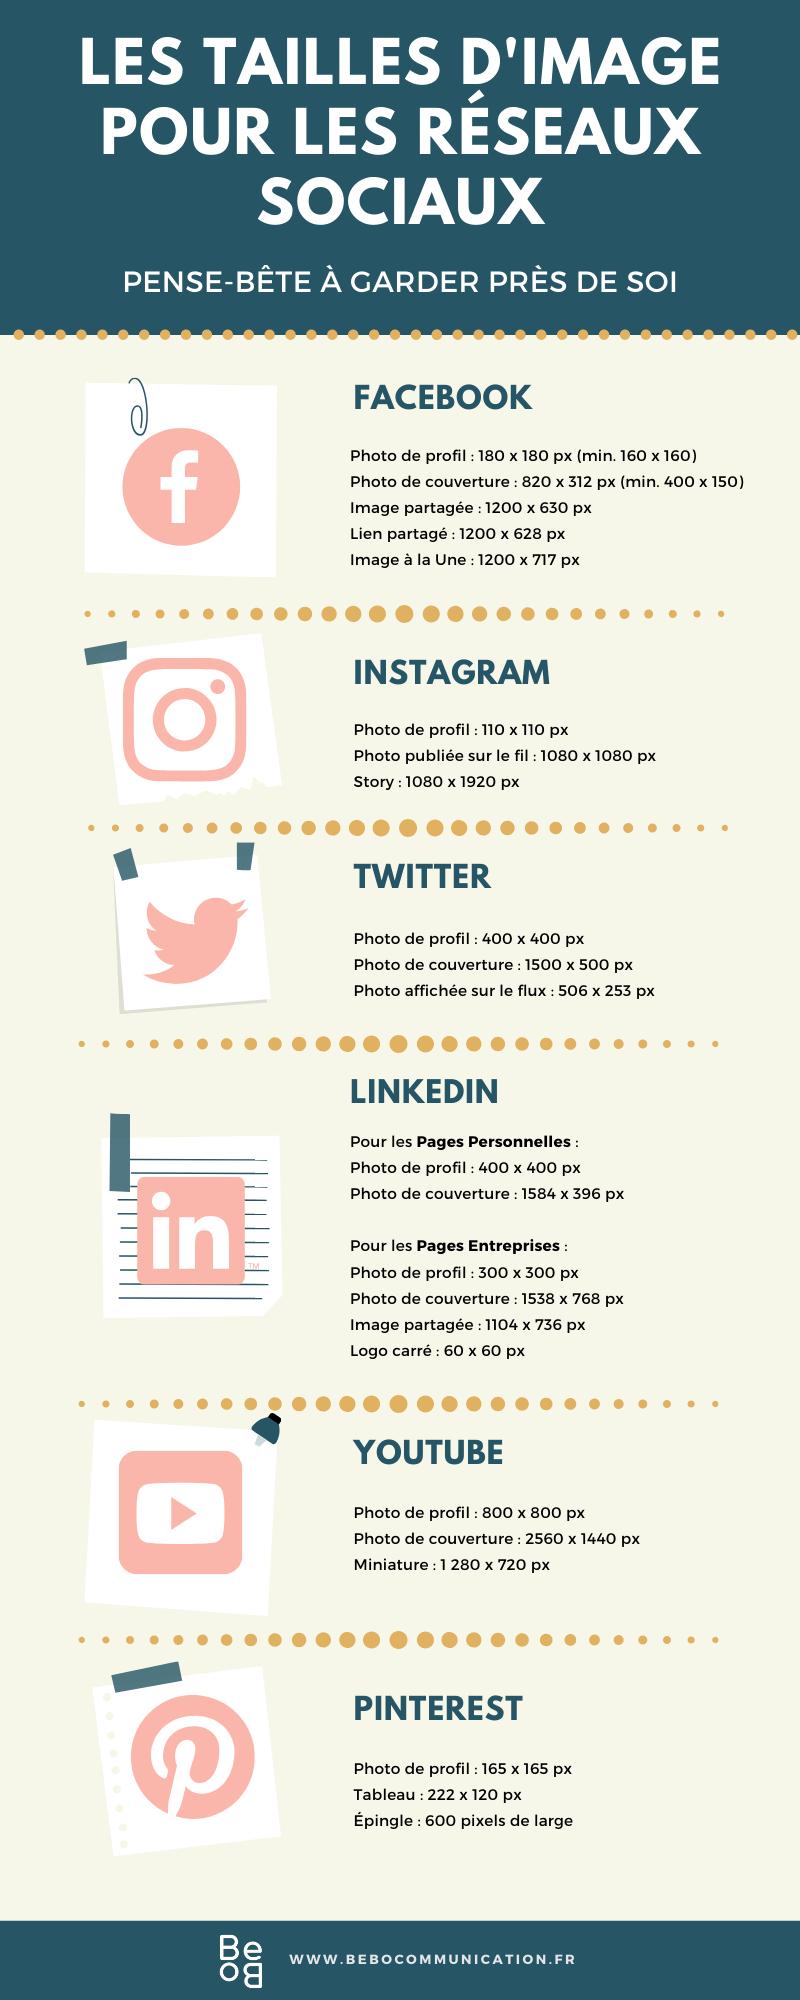 Les tailles d'image pour les réseaux sociaux